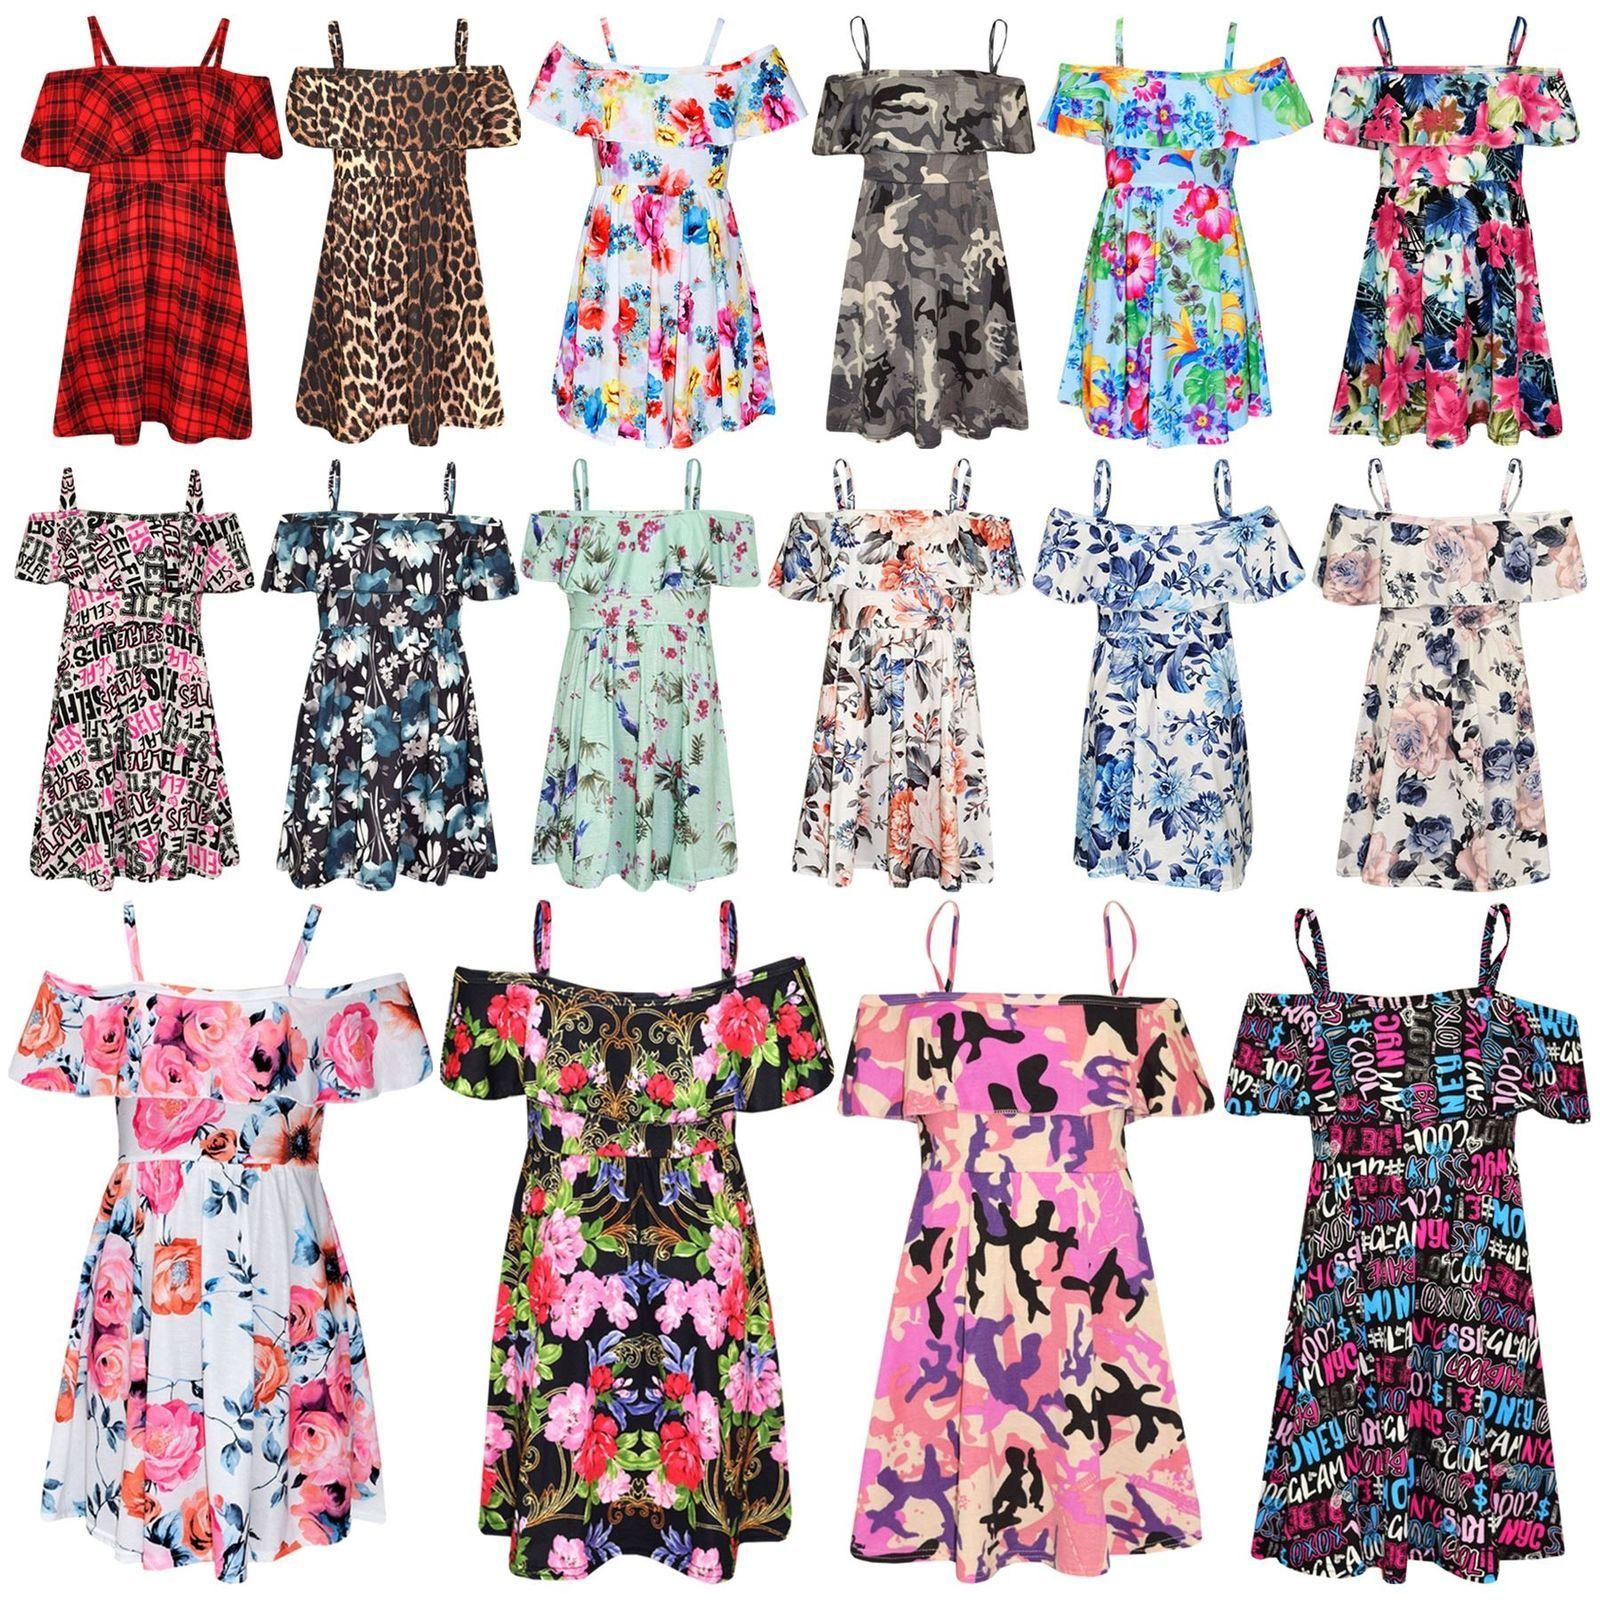 Kids Girls Skater Dress Floral Print Summer Party Off Shoulder Dresses 7 13 Year Ebay Girls Playsuit Skater Girl Dress Off Shoulder Dresses [ 1600 x 1600 Pixel ]